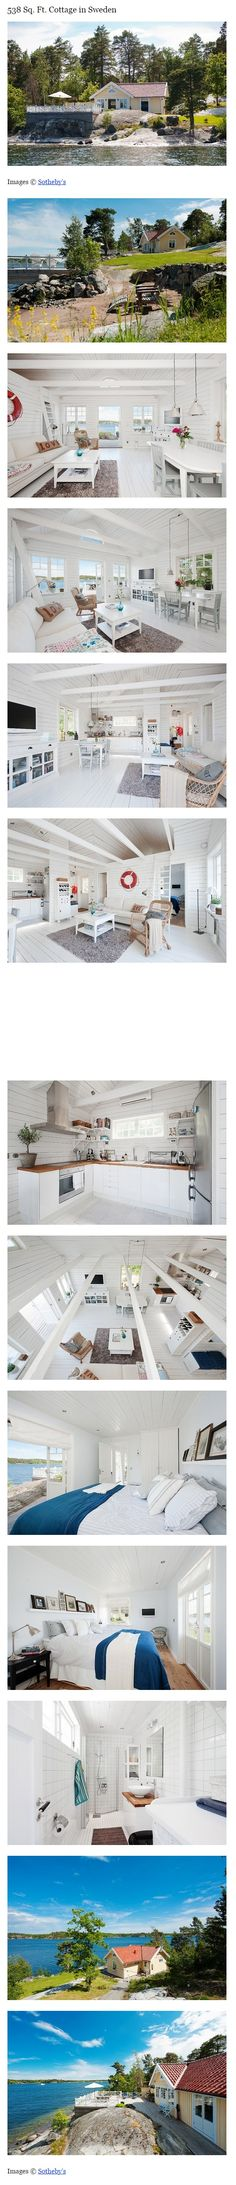 538 Sq. Ft. Cottage in Sweden via —tinyhousetalk.com/538-sq-ft-cottage-in-sweden